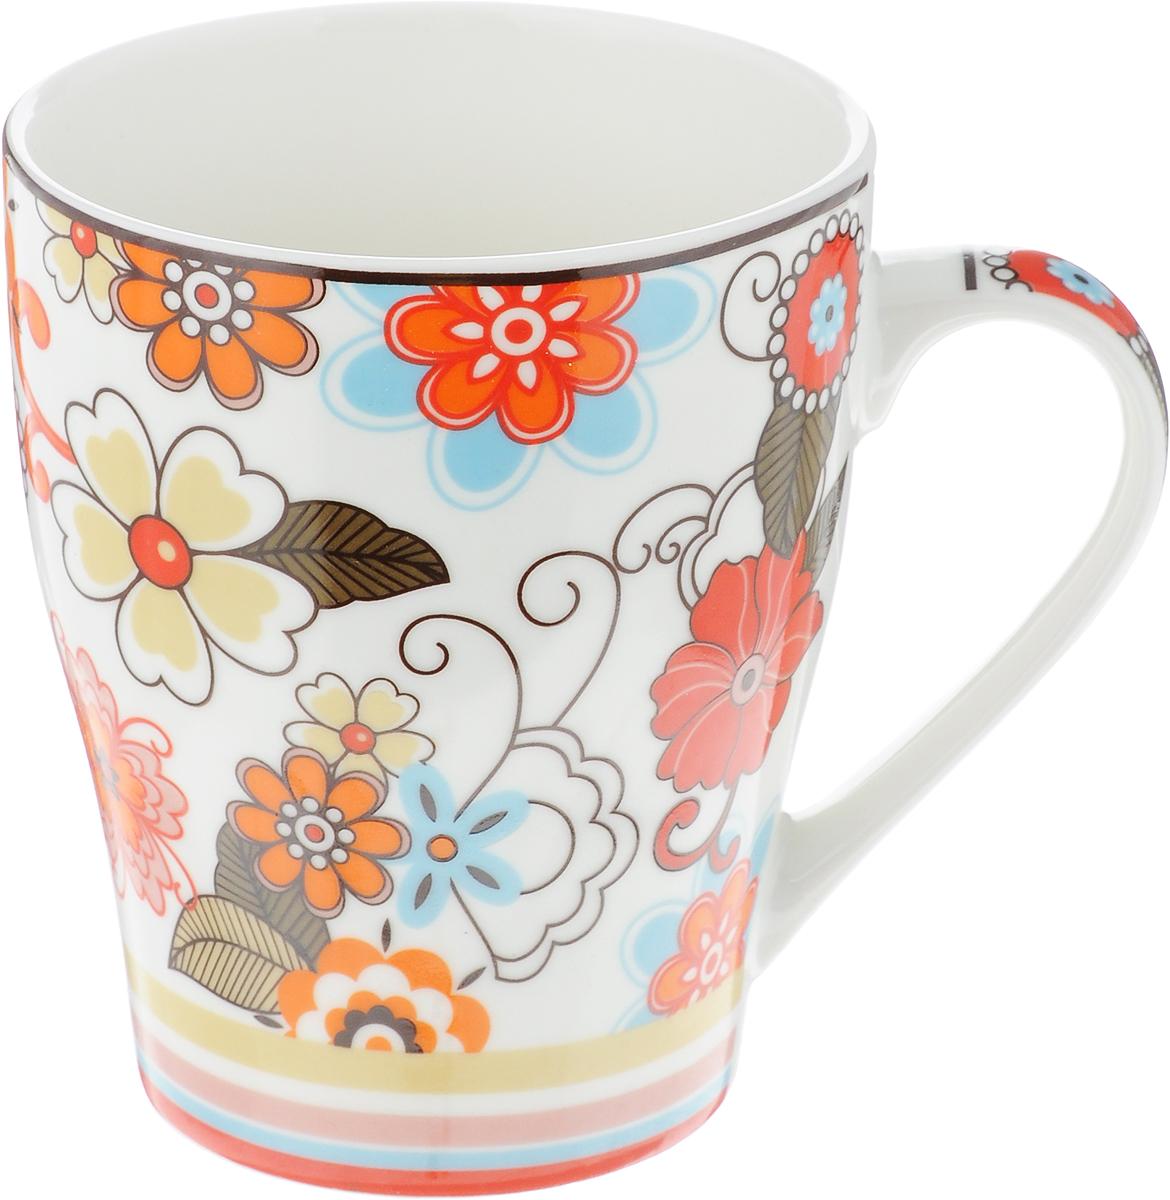 Кружка Доляна Мария, цвет: белый, оранжевый, 300 мл103081_белый, оранжевыйКружка Доляна Мария изготовлена из высококачественной керамики. Изделие оформлено красочным рисунком и покрыто превосходной сверкающей глазурью. Изысканная кружка прекрасно оформит стол к чаепитию и станет его неизменным атрибутом.Диаметр кружки (по верхнему краю): 8,5 см.Высота кружки: 10,5 см.